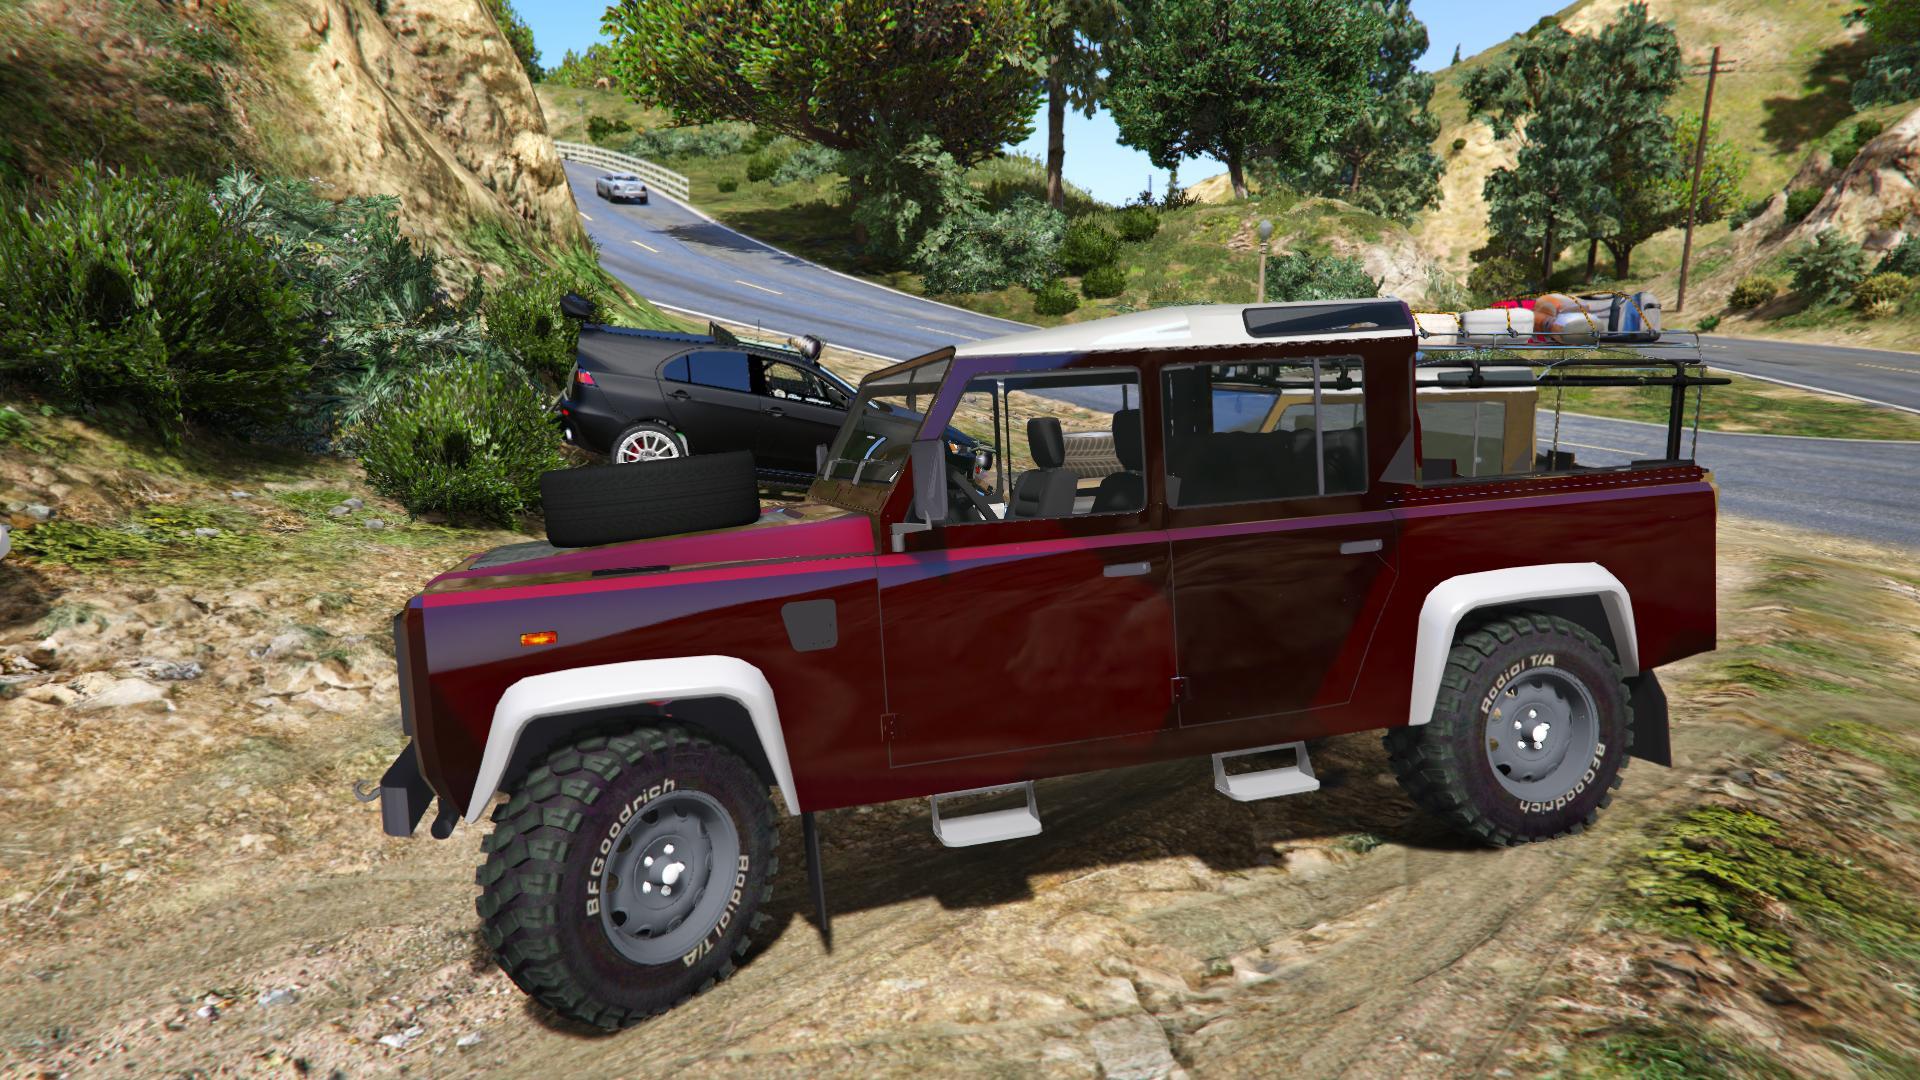 Land Rover Defender 110 Pickup (Unlocked) - GTA5-Mods.com